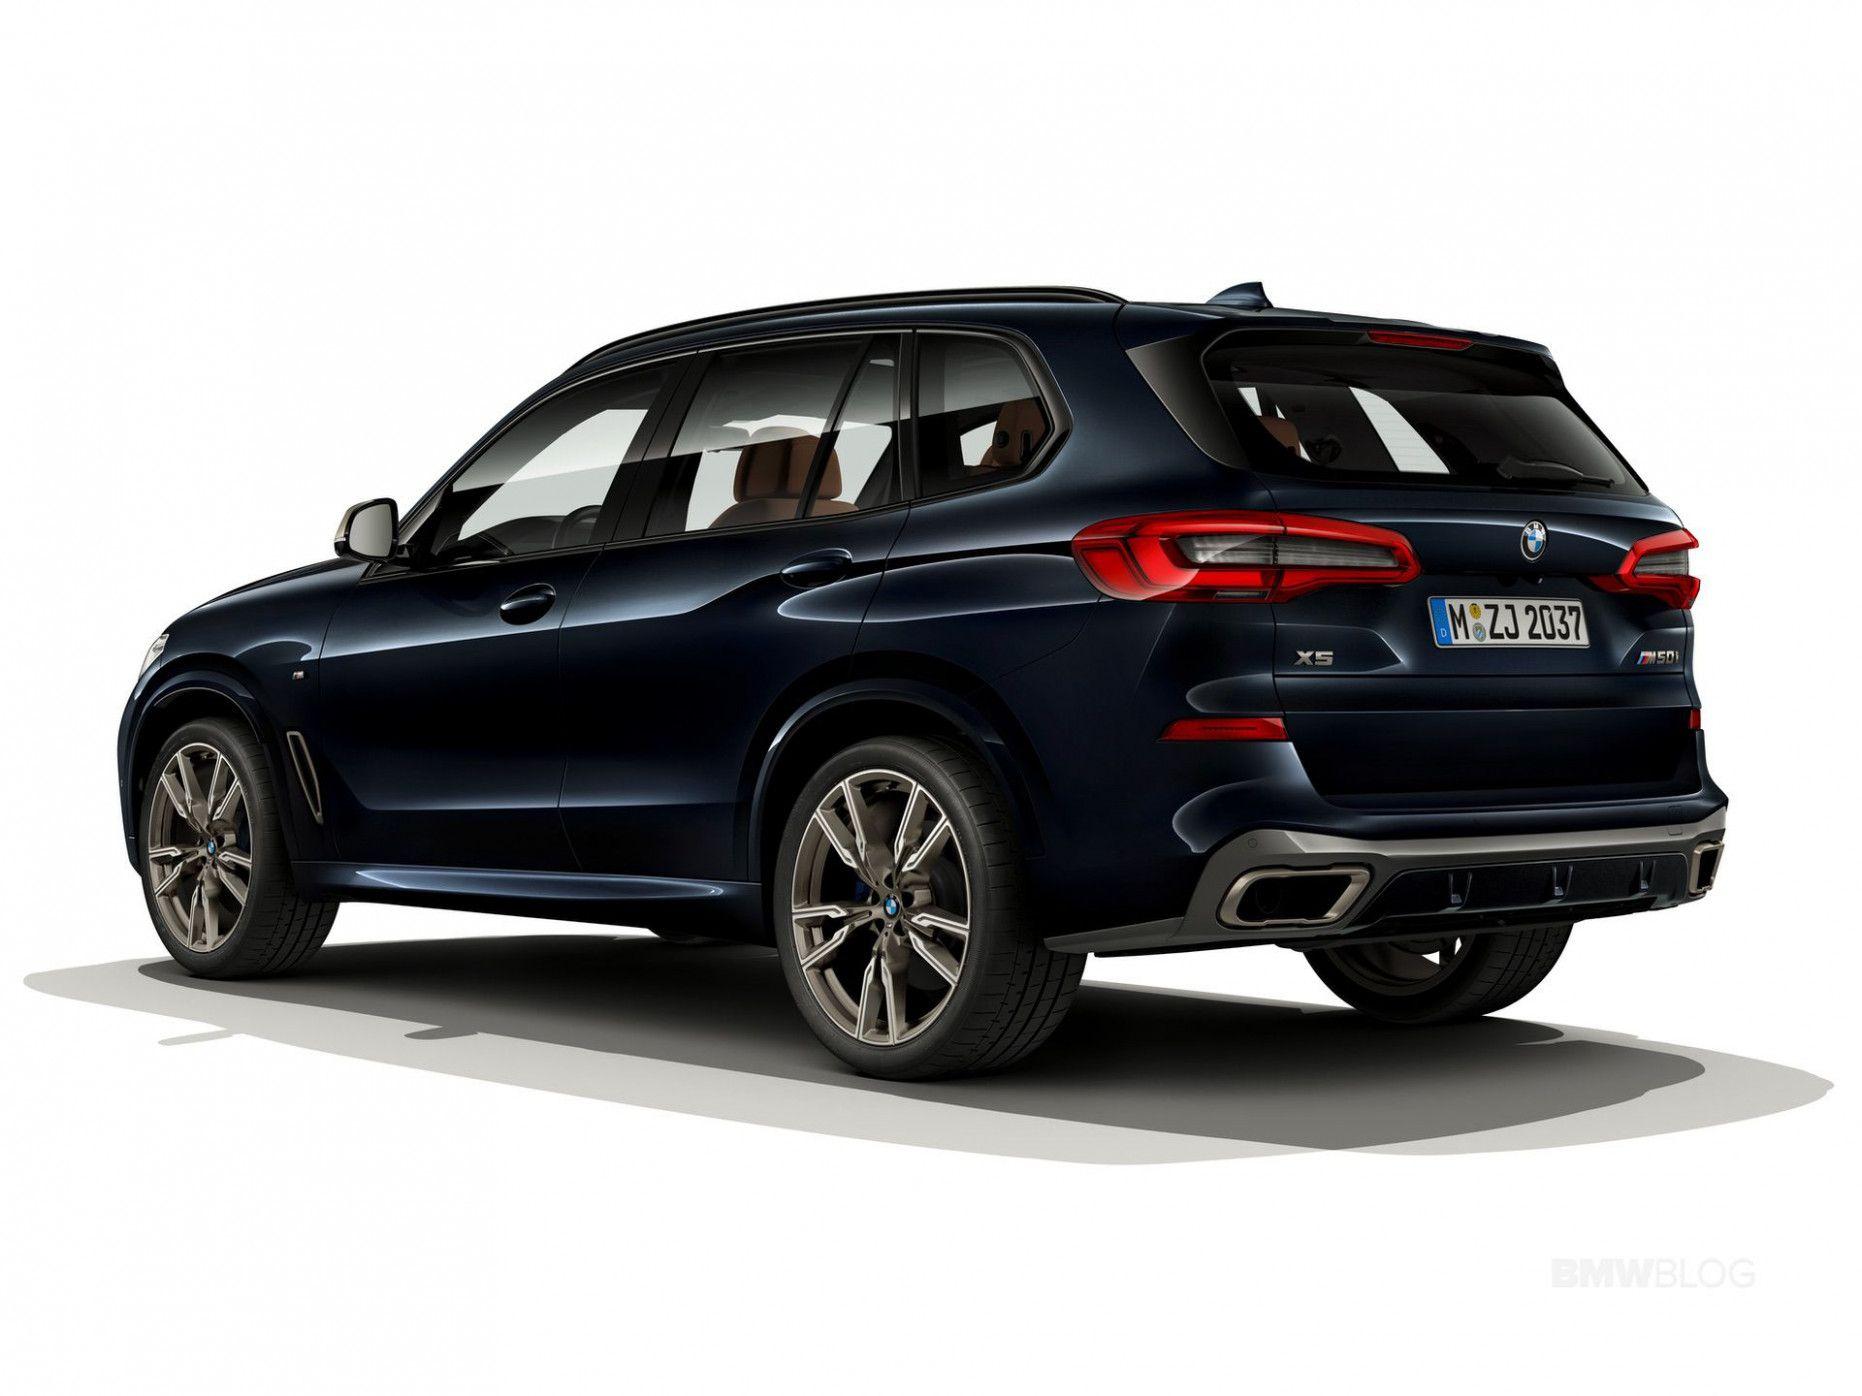 X5 M50i Price In 2020 Bmw Suv Bmw X5 Bmw